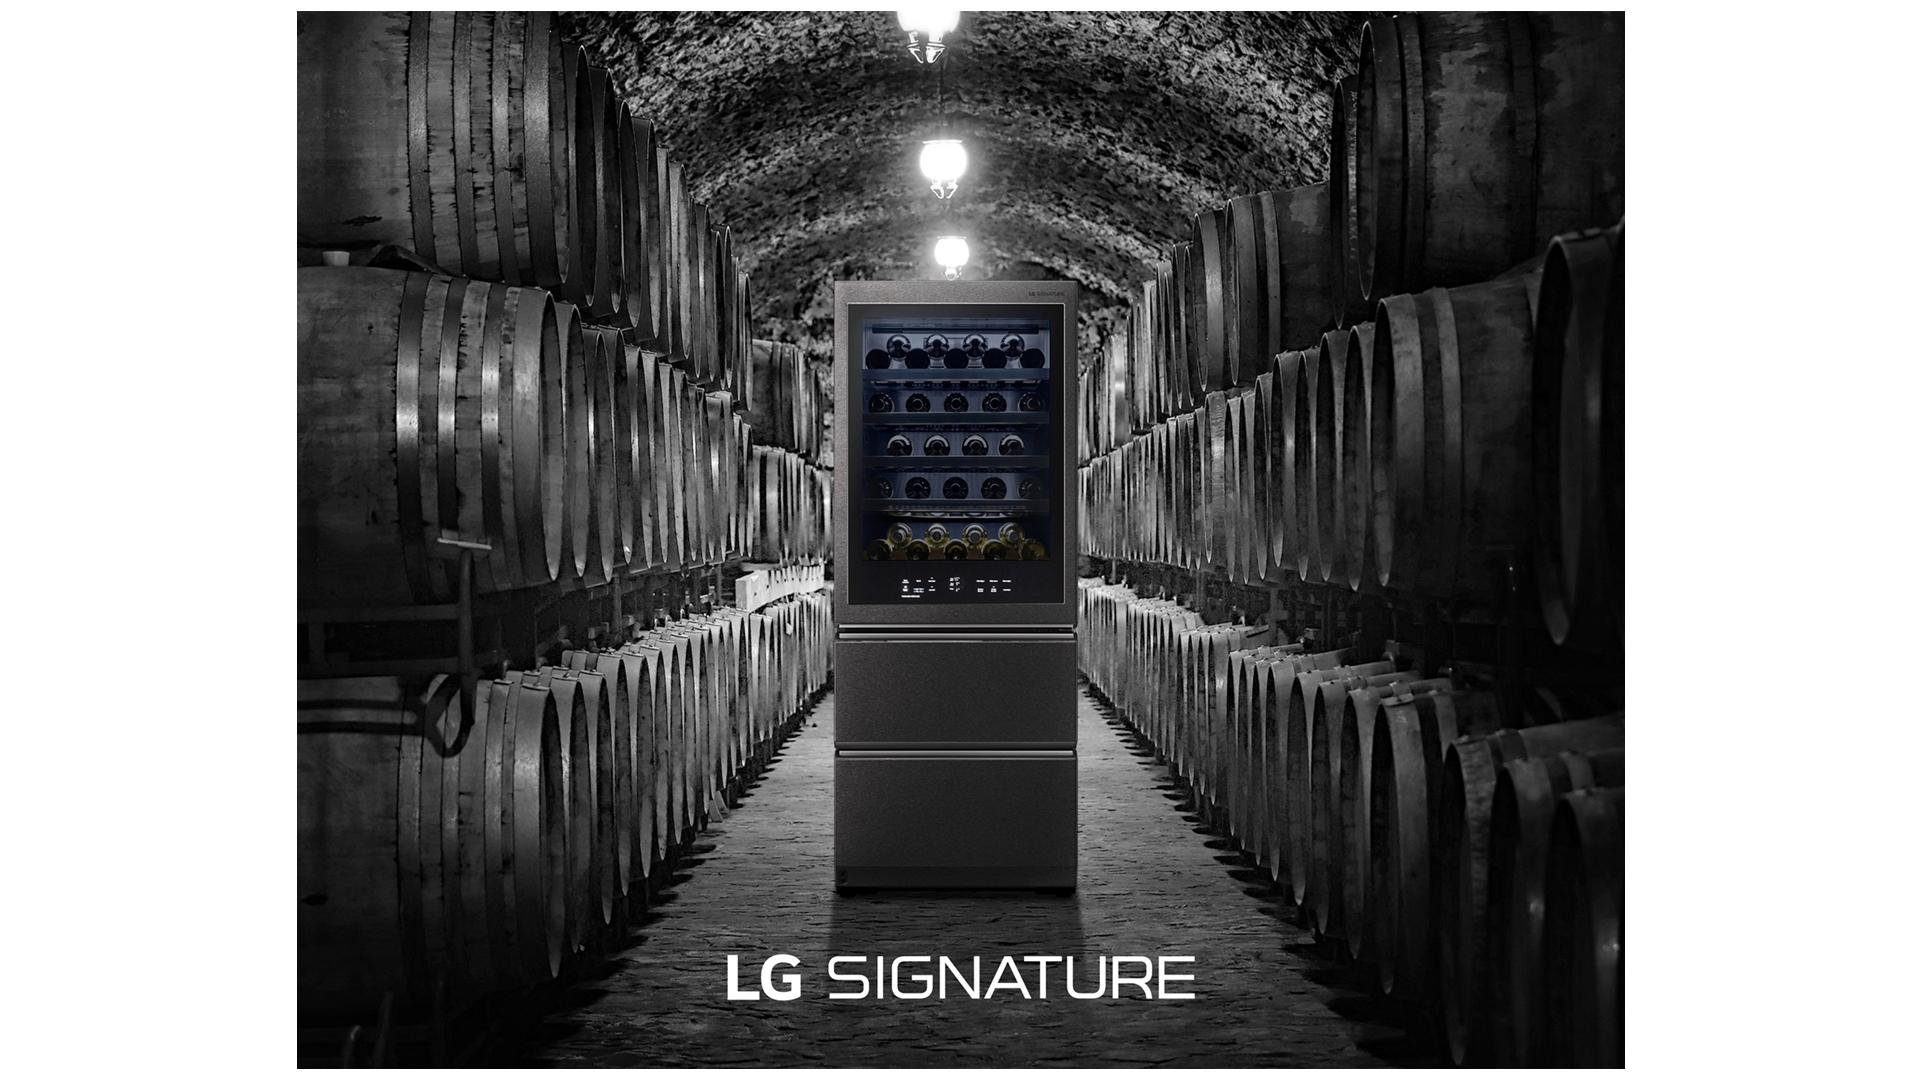 超프리미엄 'LG 시그니처 와인셀러', 美서 와인평론가와 '온택트' 이벤트